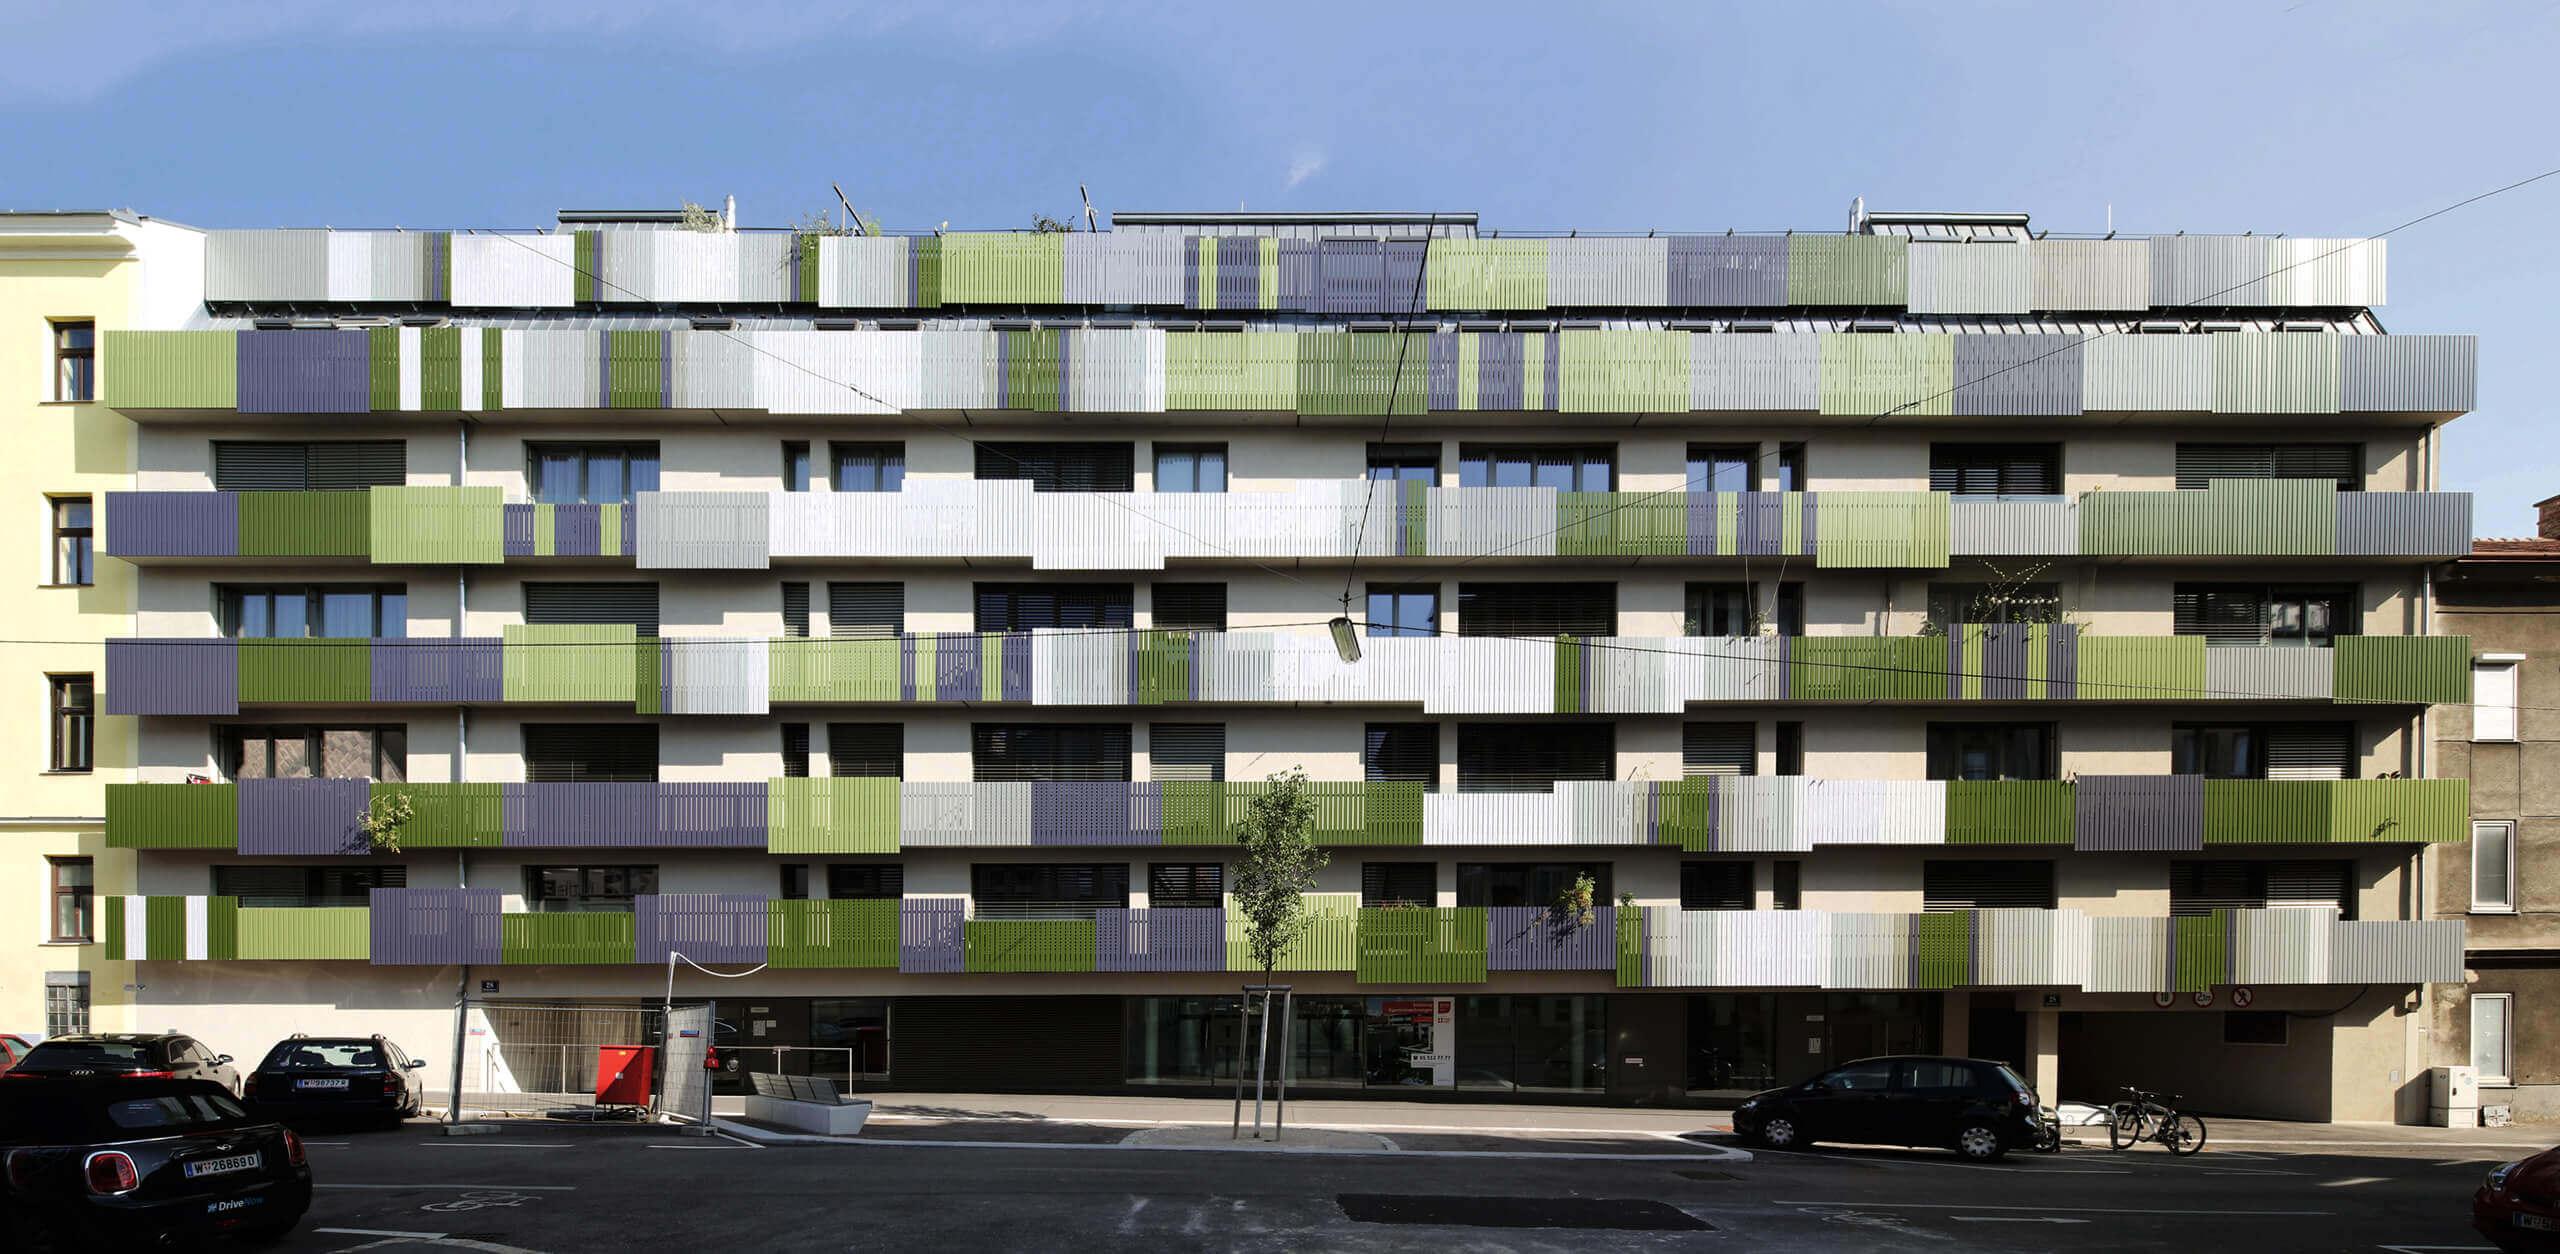 Wohnhaus_Farbkonzept_Architektur_Wien_Ingo_Nussbaumer_Querkraft_ODO_2017